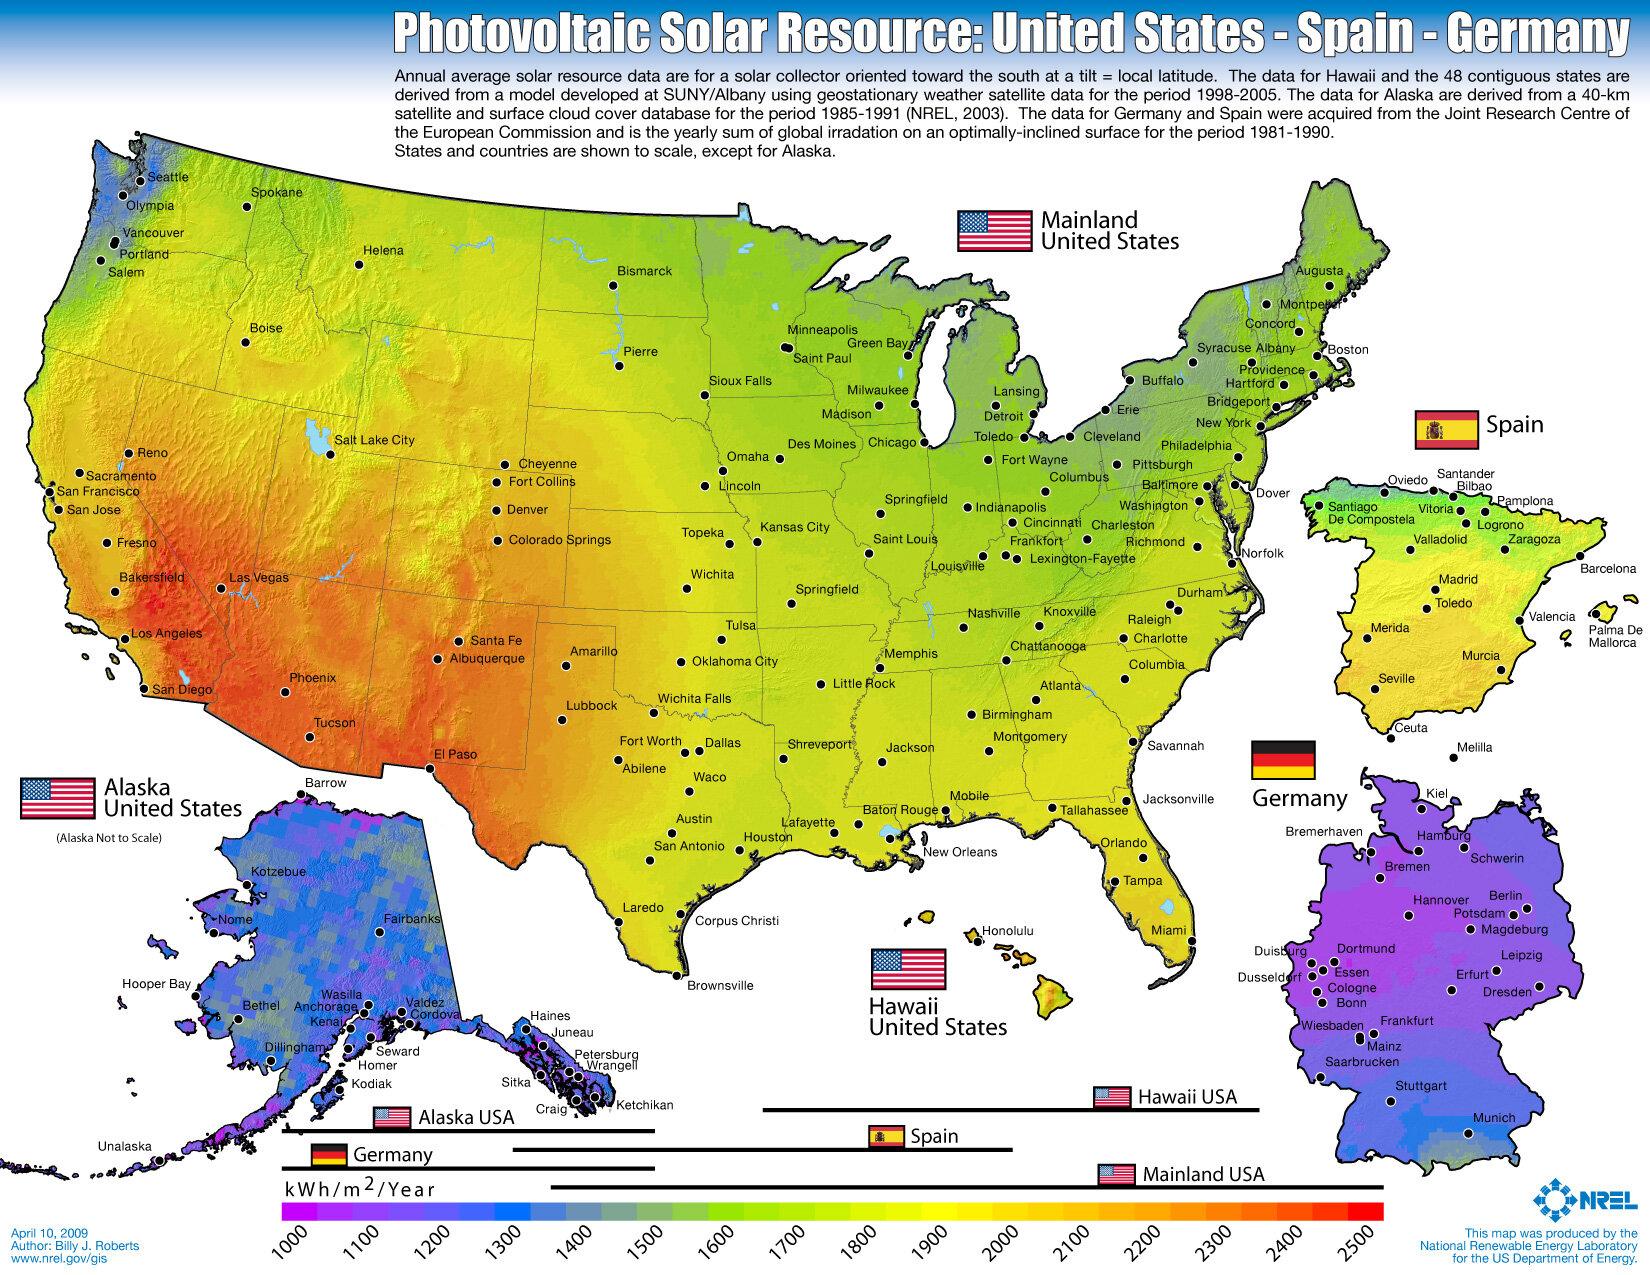 NREL-pv-map-us-germany-spain.jpg